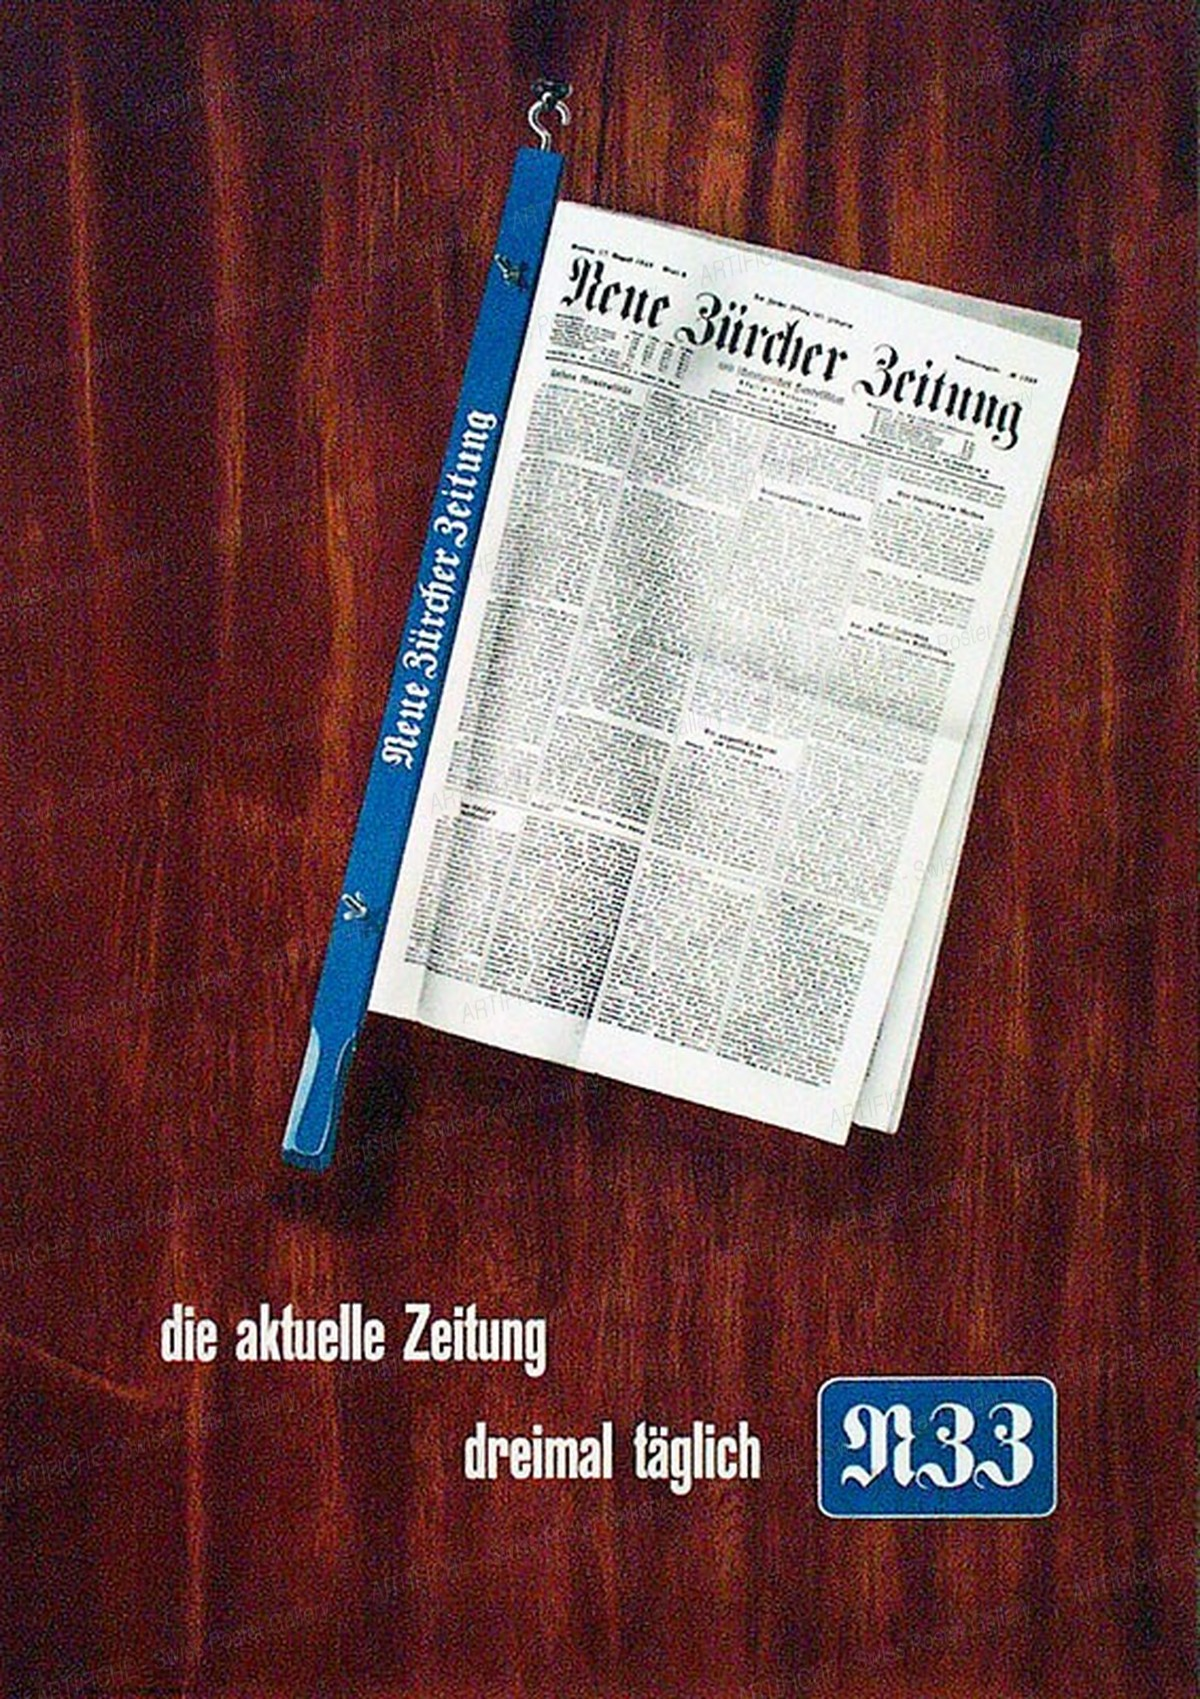 NZZ – The new Zurich Times, Hermann Suter